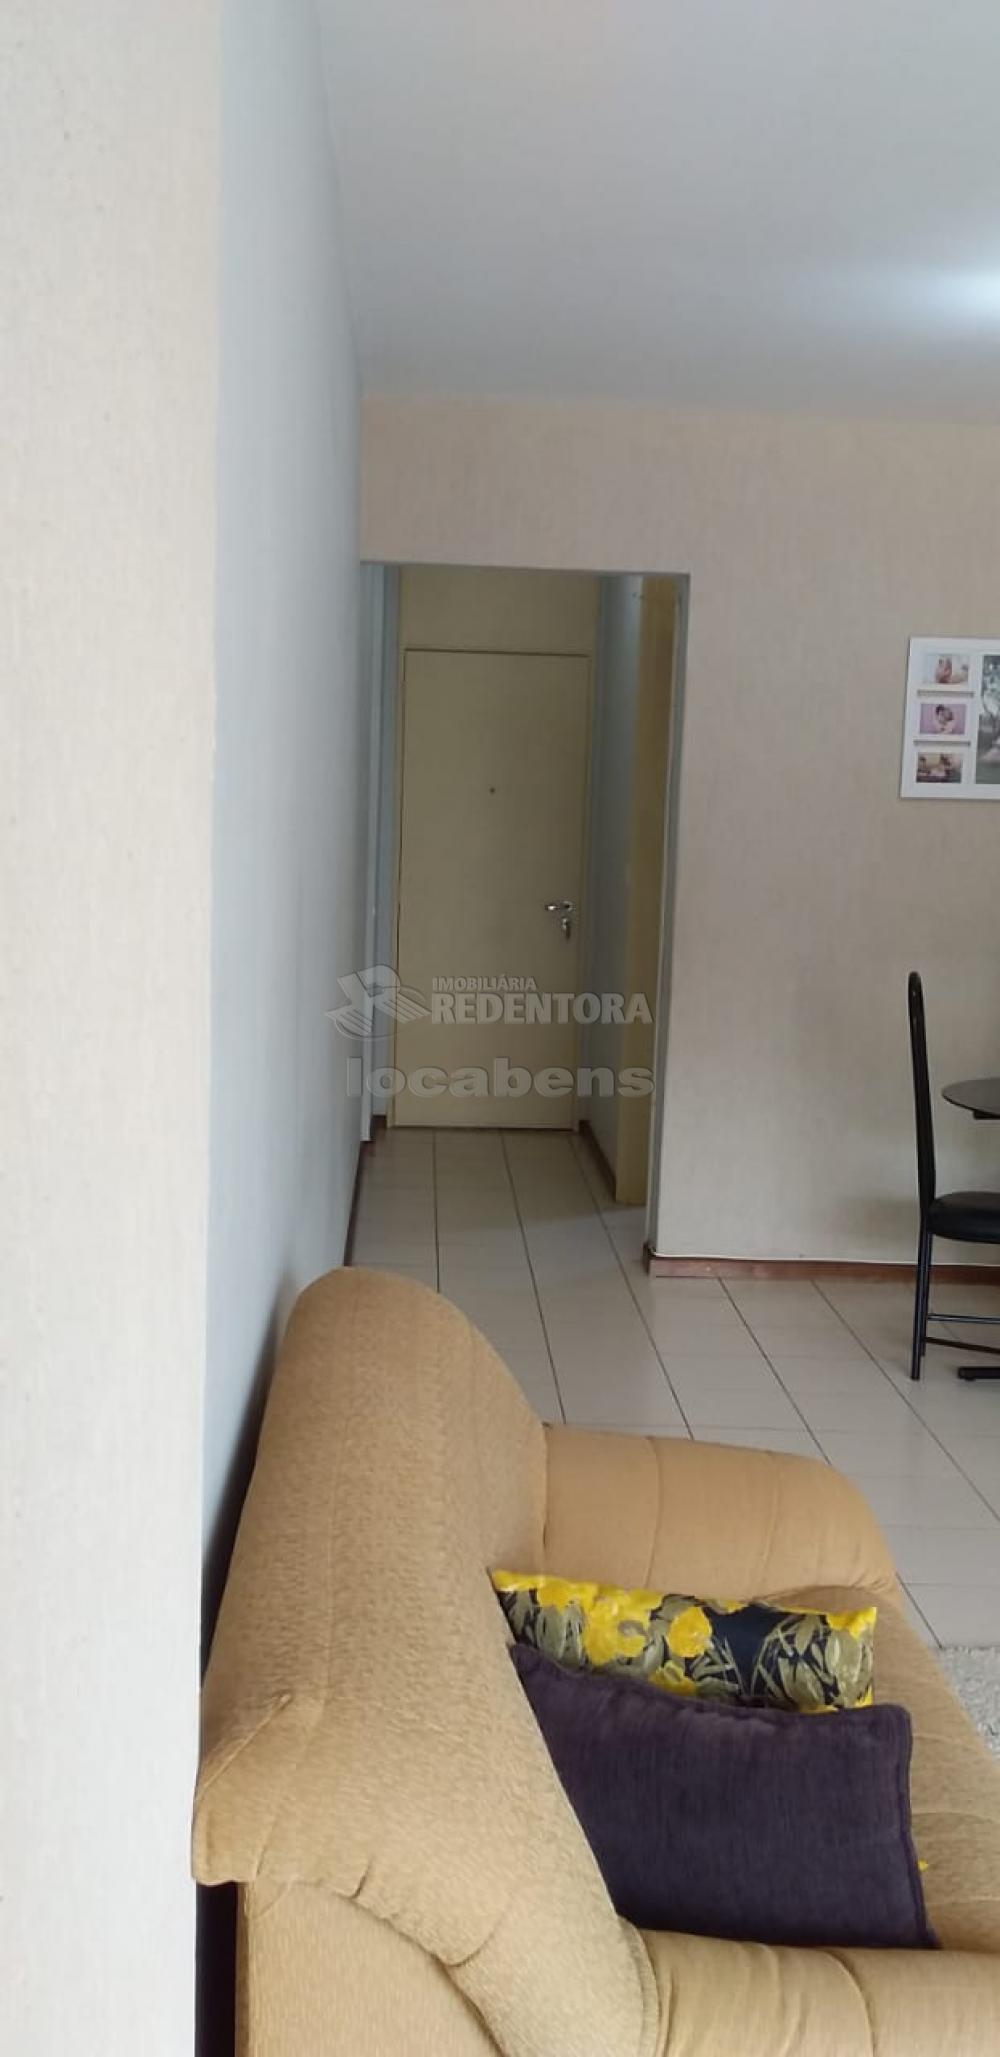 Comprar Apartamento / Padrão em São José do Rio Preto apenas R$ 360.000,00 - Foto 4